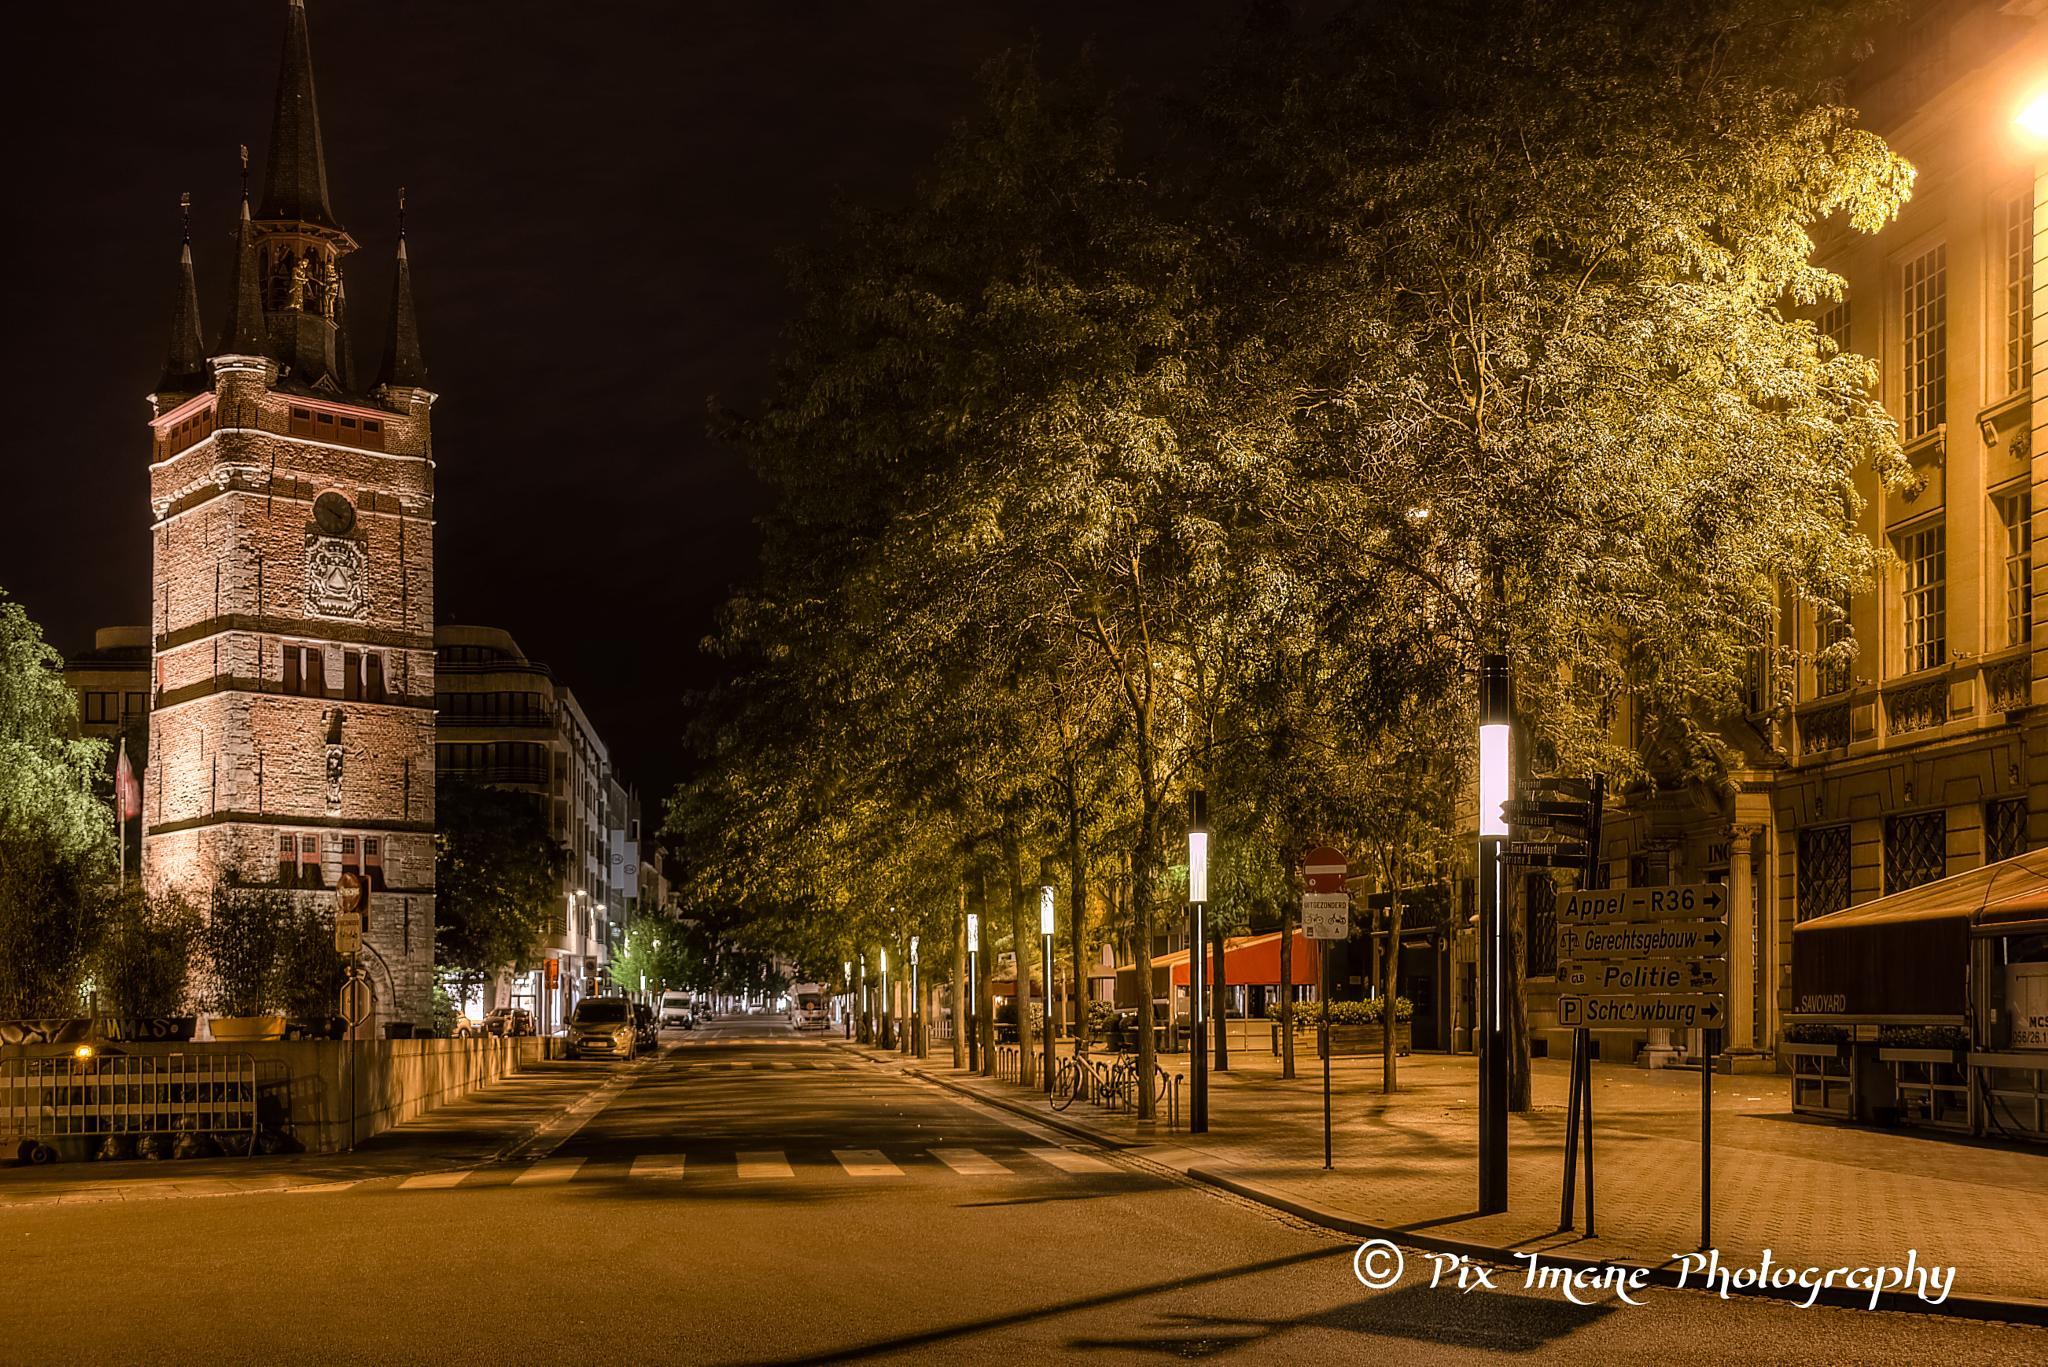 Belfort Kortrijk by night - West-Vlaanderen - Belgium by PixImane Photography